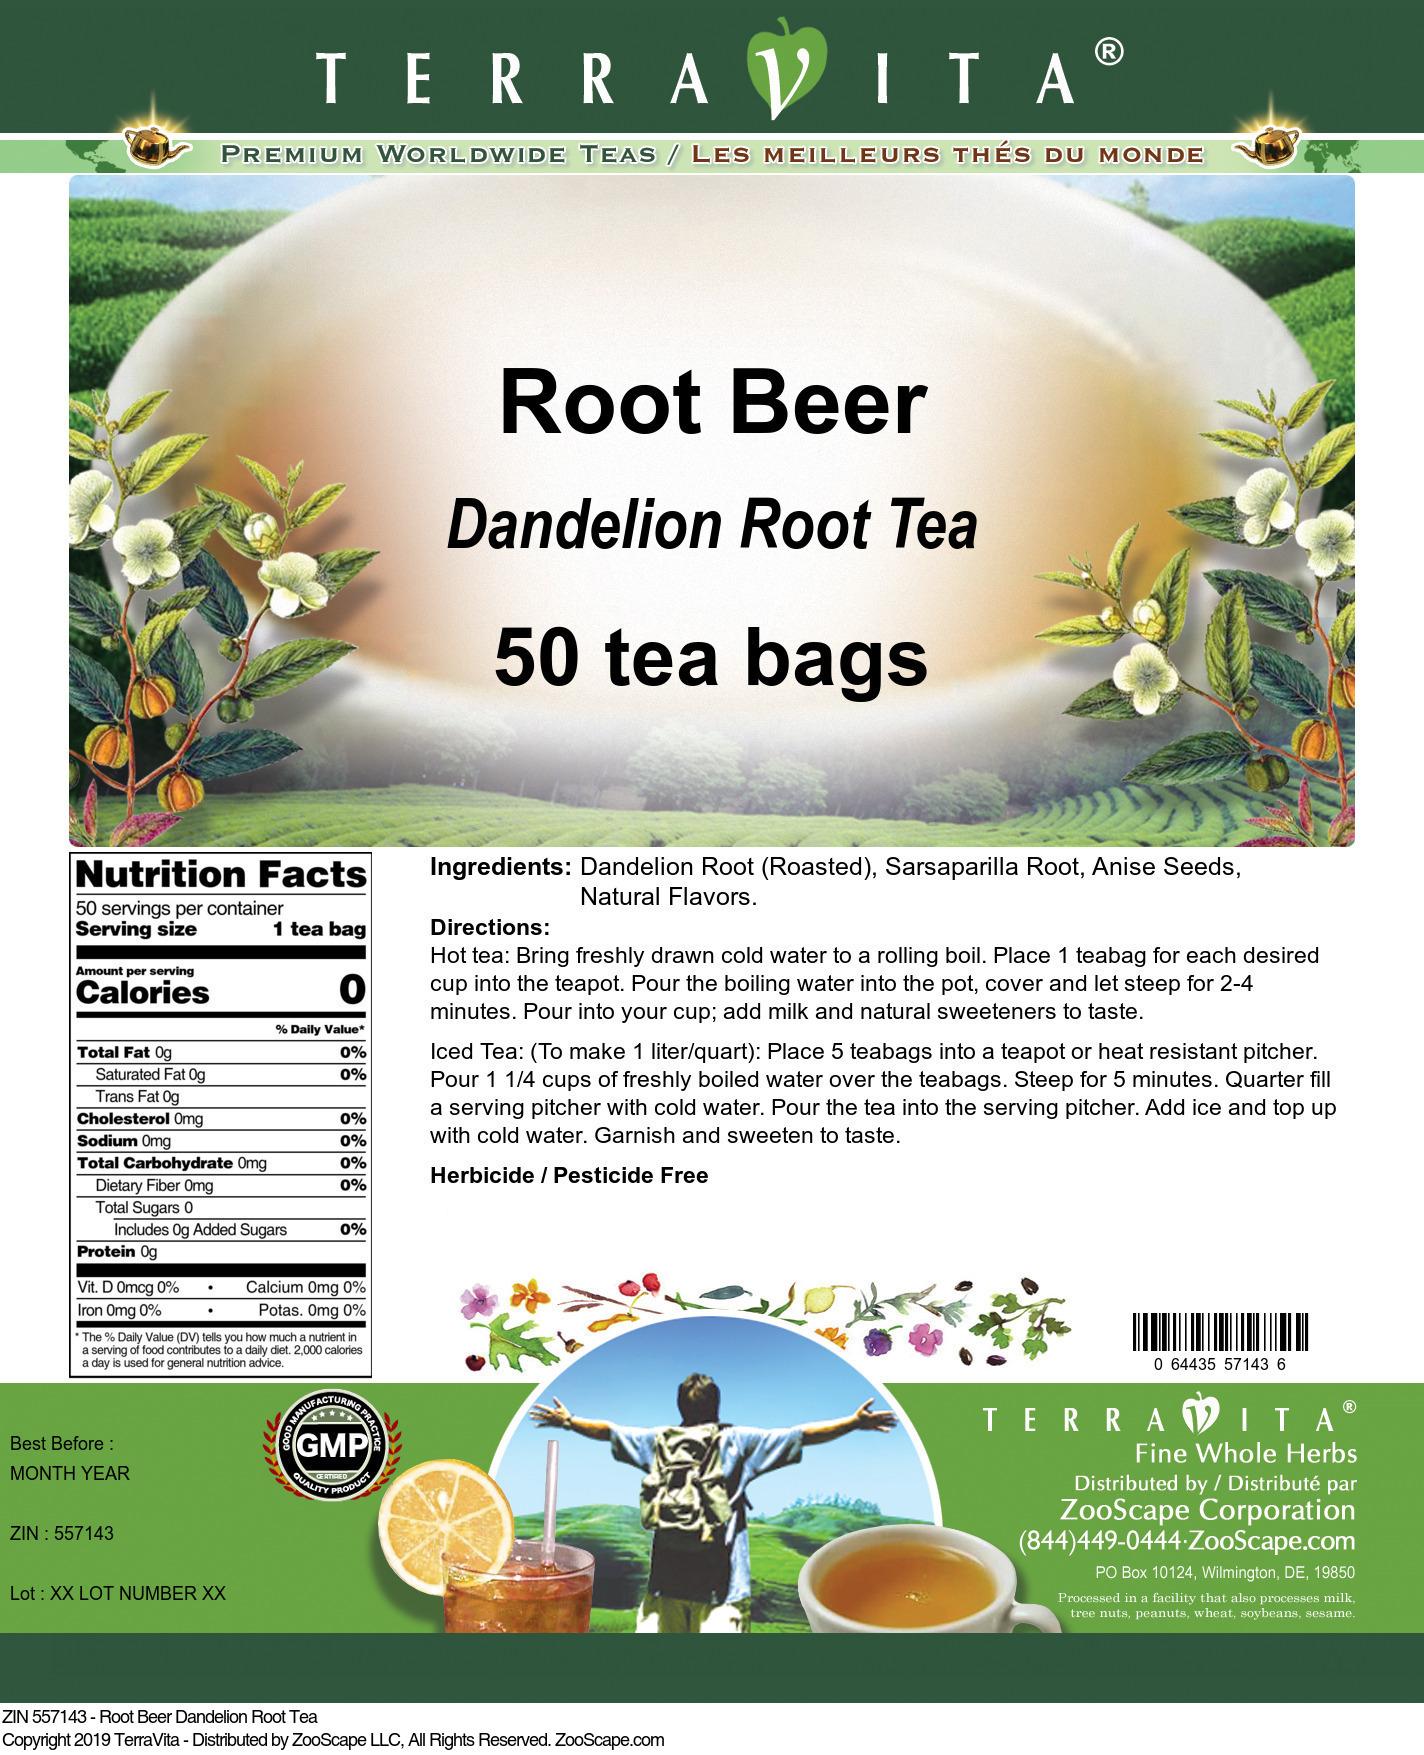 Root Beer Dandelion Root Tea